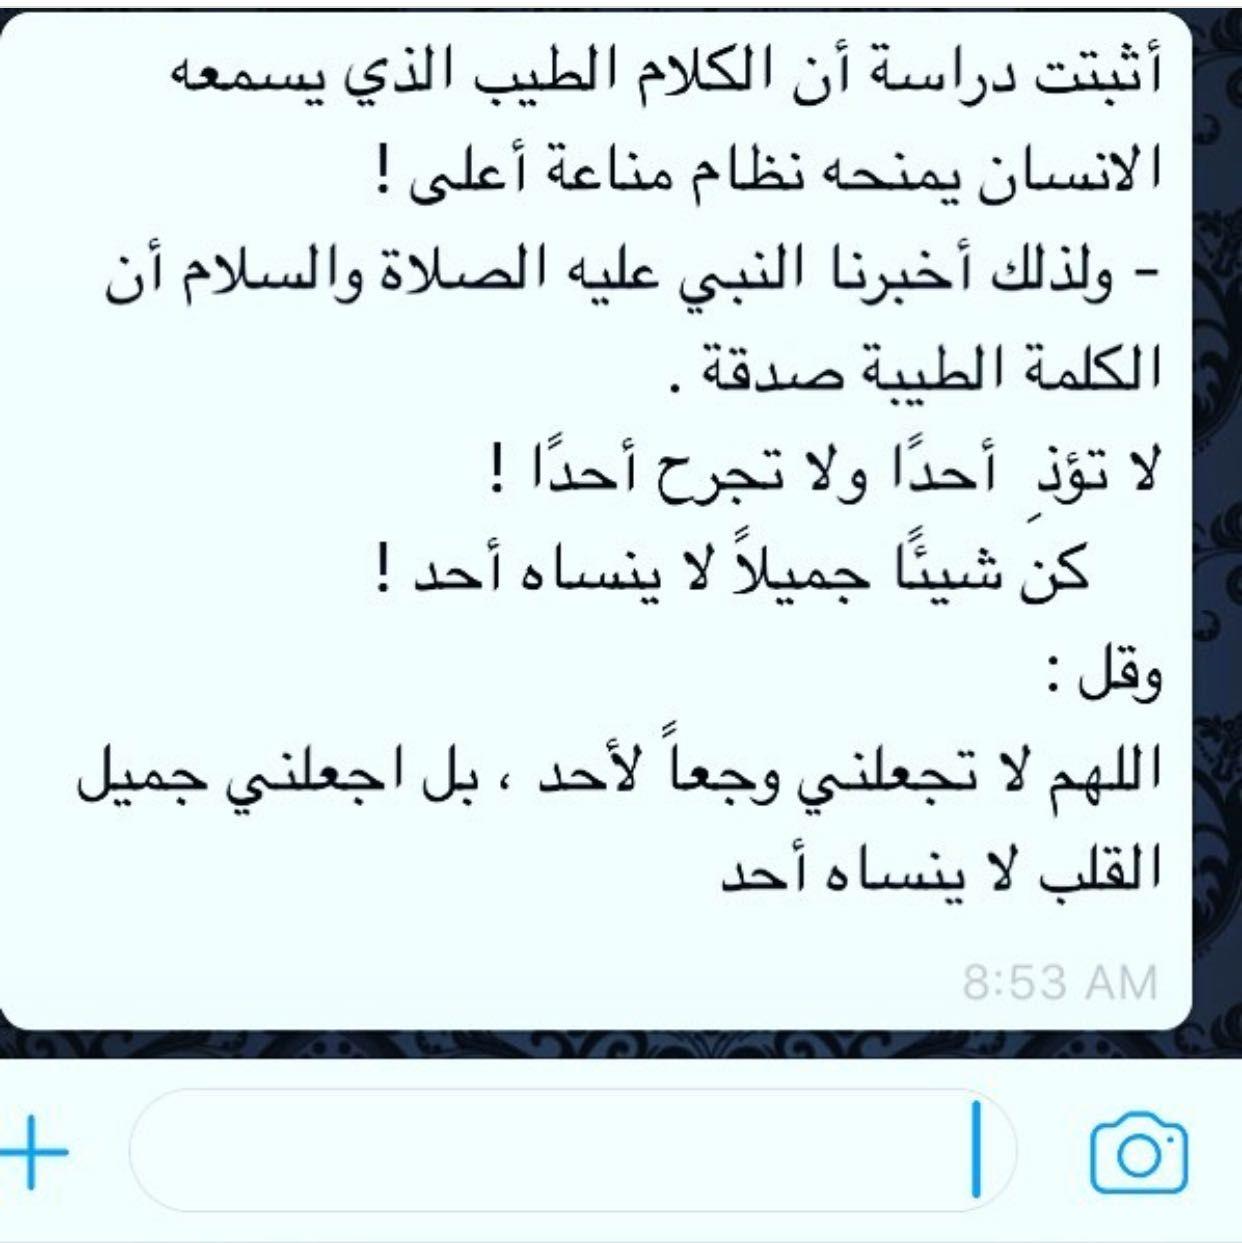 قال الله تعالى وقولوا للناس حسنا Sayings Math Blog Posts